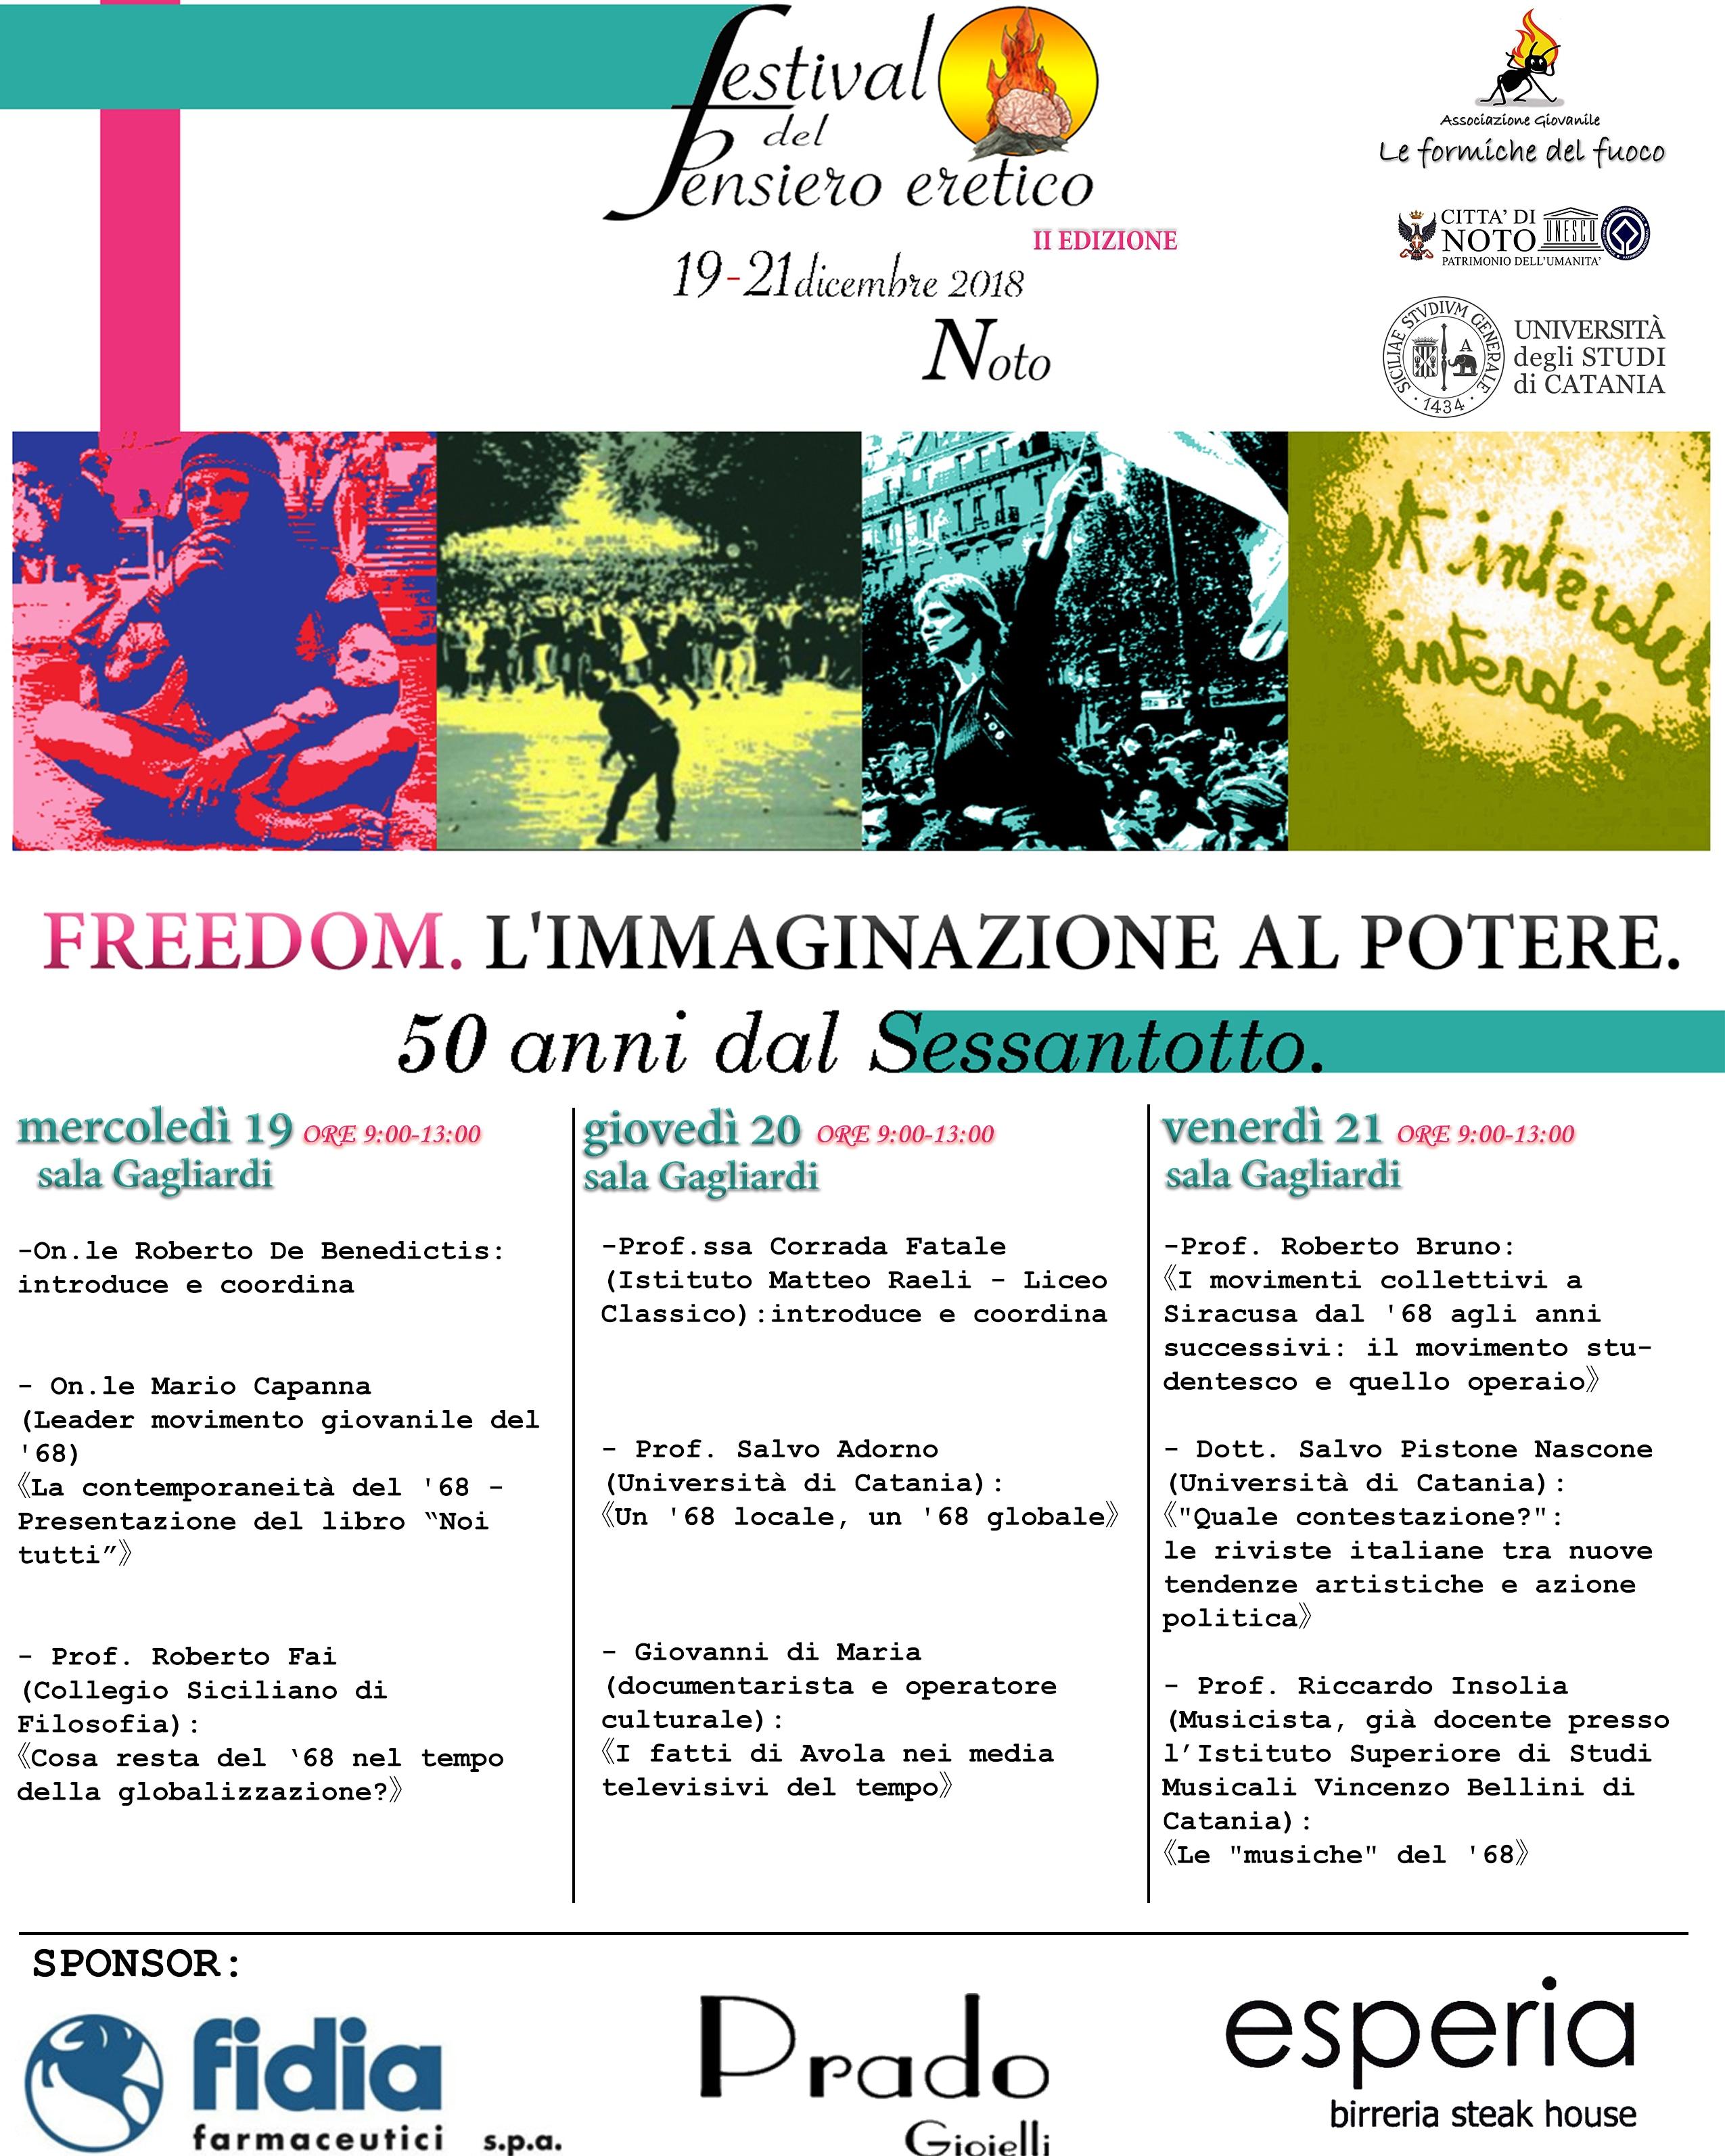 Torna a Noto il Festival del Pensiero Eretico, tema il Sessantotto